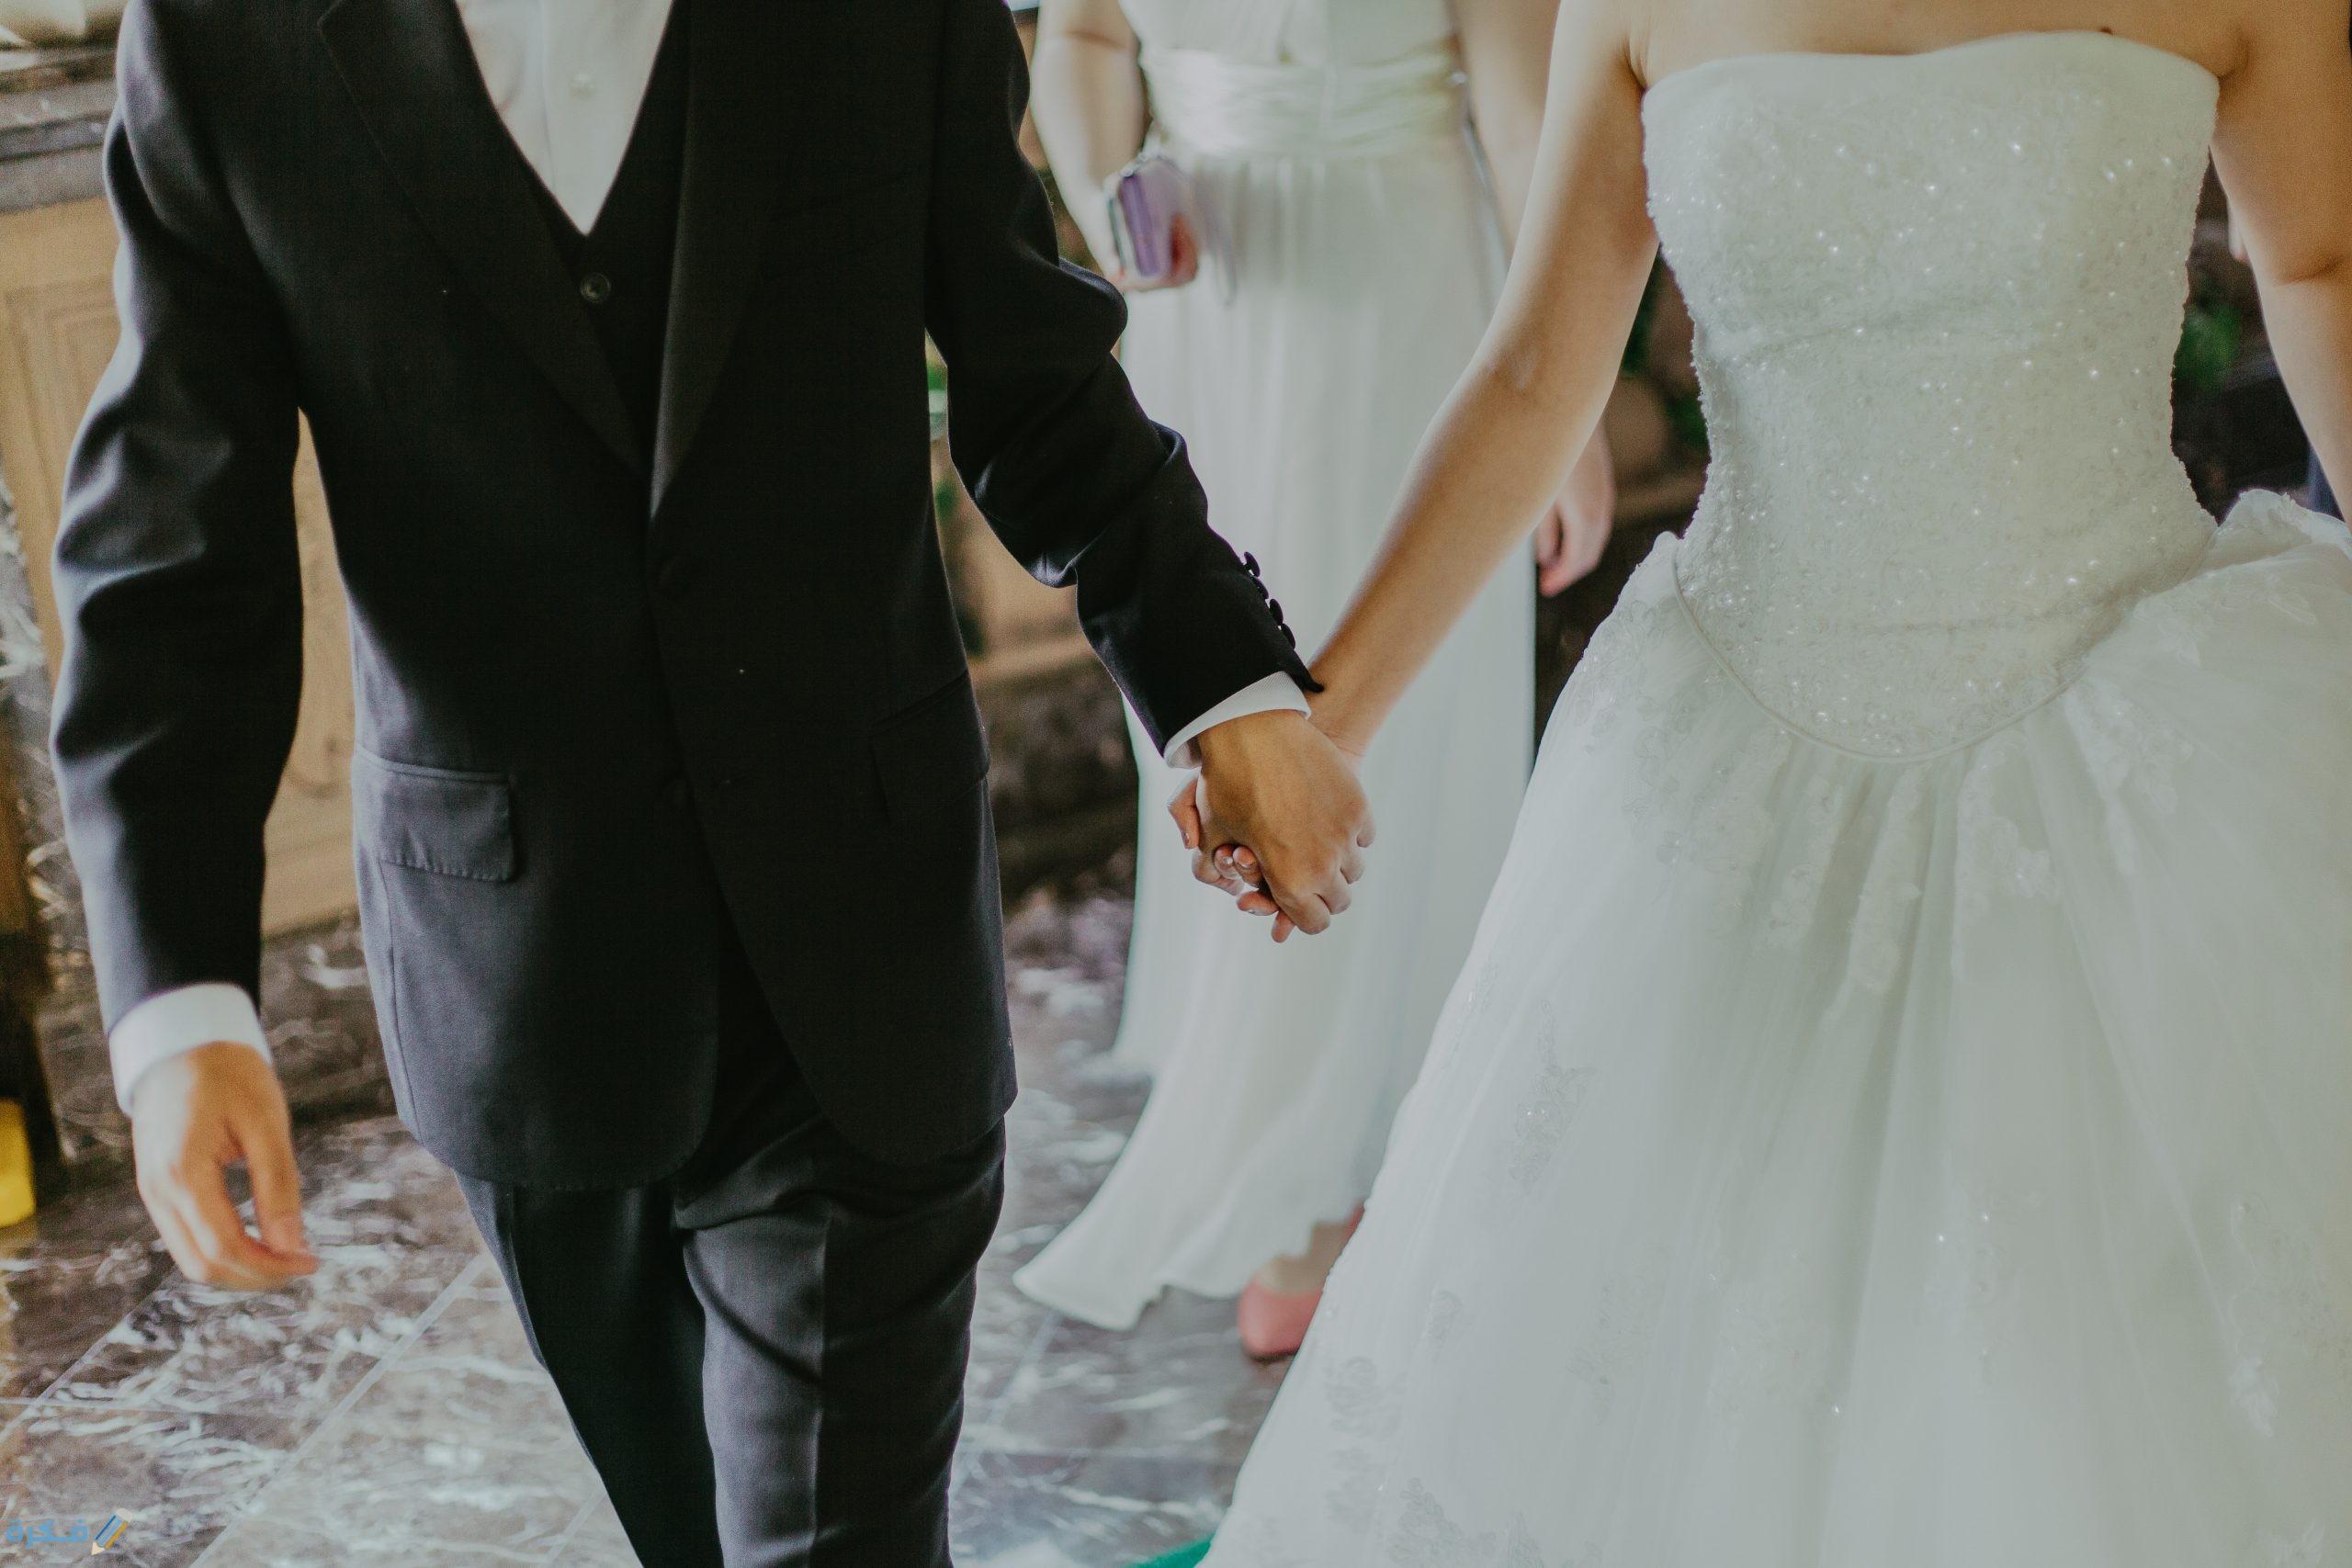 تفسير حلم رؤية زواج الزوج والبكاء لابن سيرين موقع فكرة